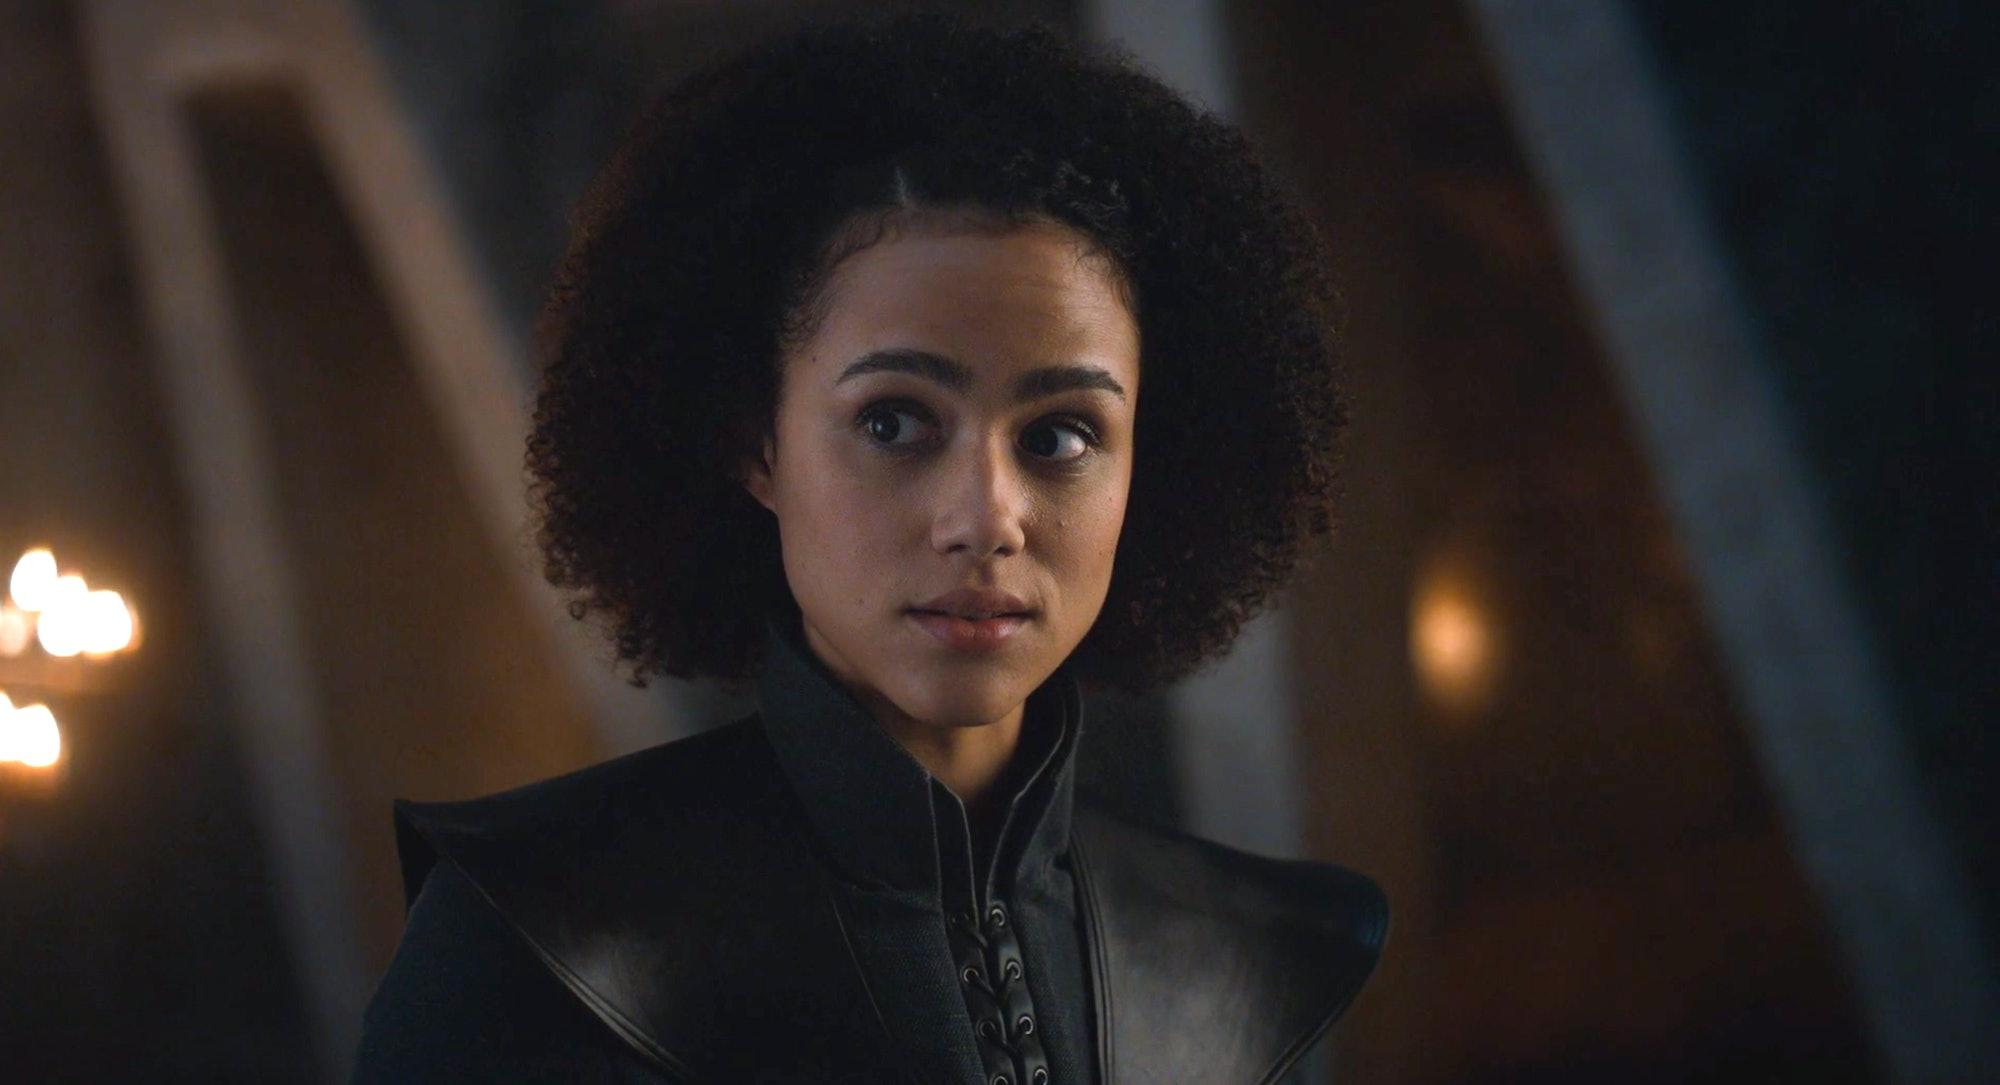 Nathalie Emmanuel as Missandei in 'Game of Thrones' Season 7